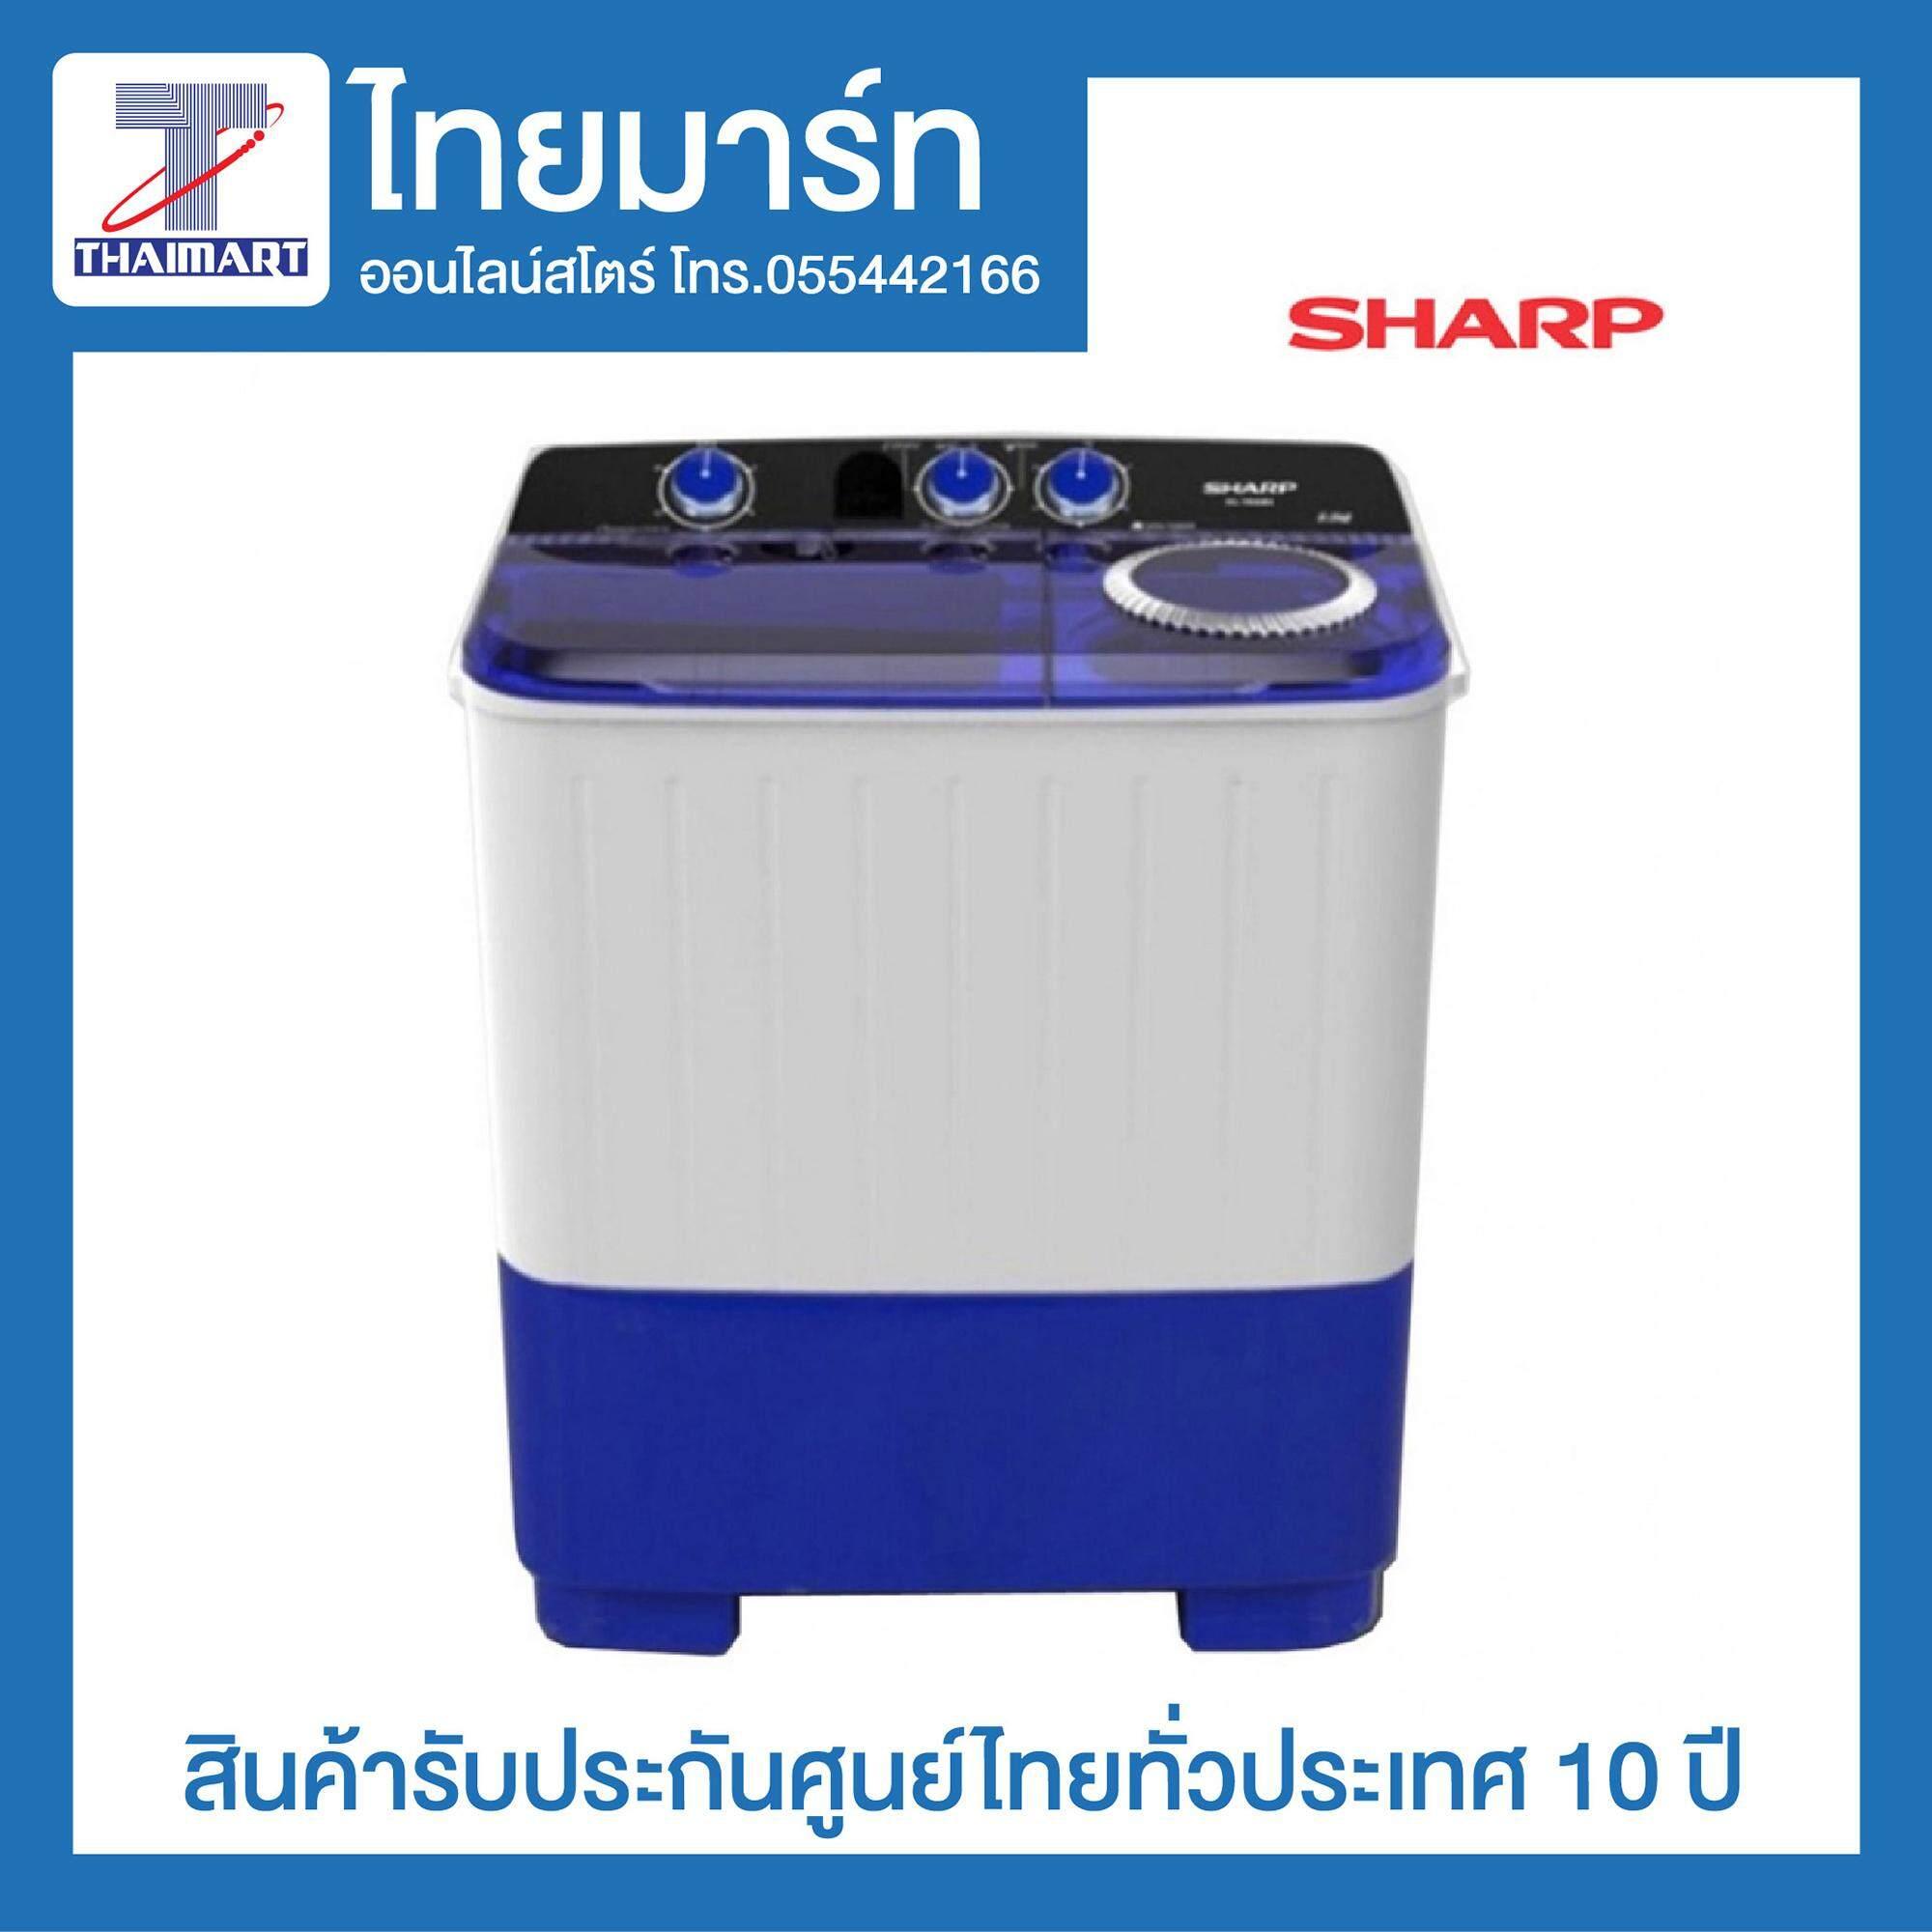 SHARP เครื่องซักผ้าถังคู่ฝาบน (7 กก.) รุ่น ES-TW70BL